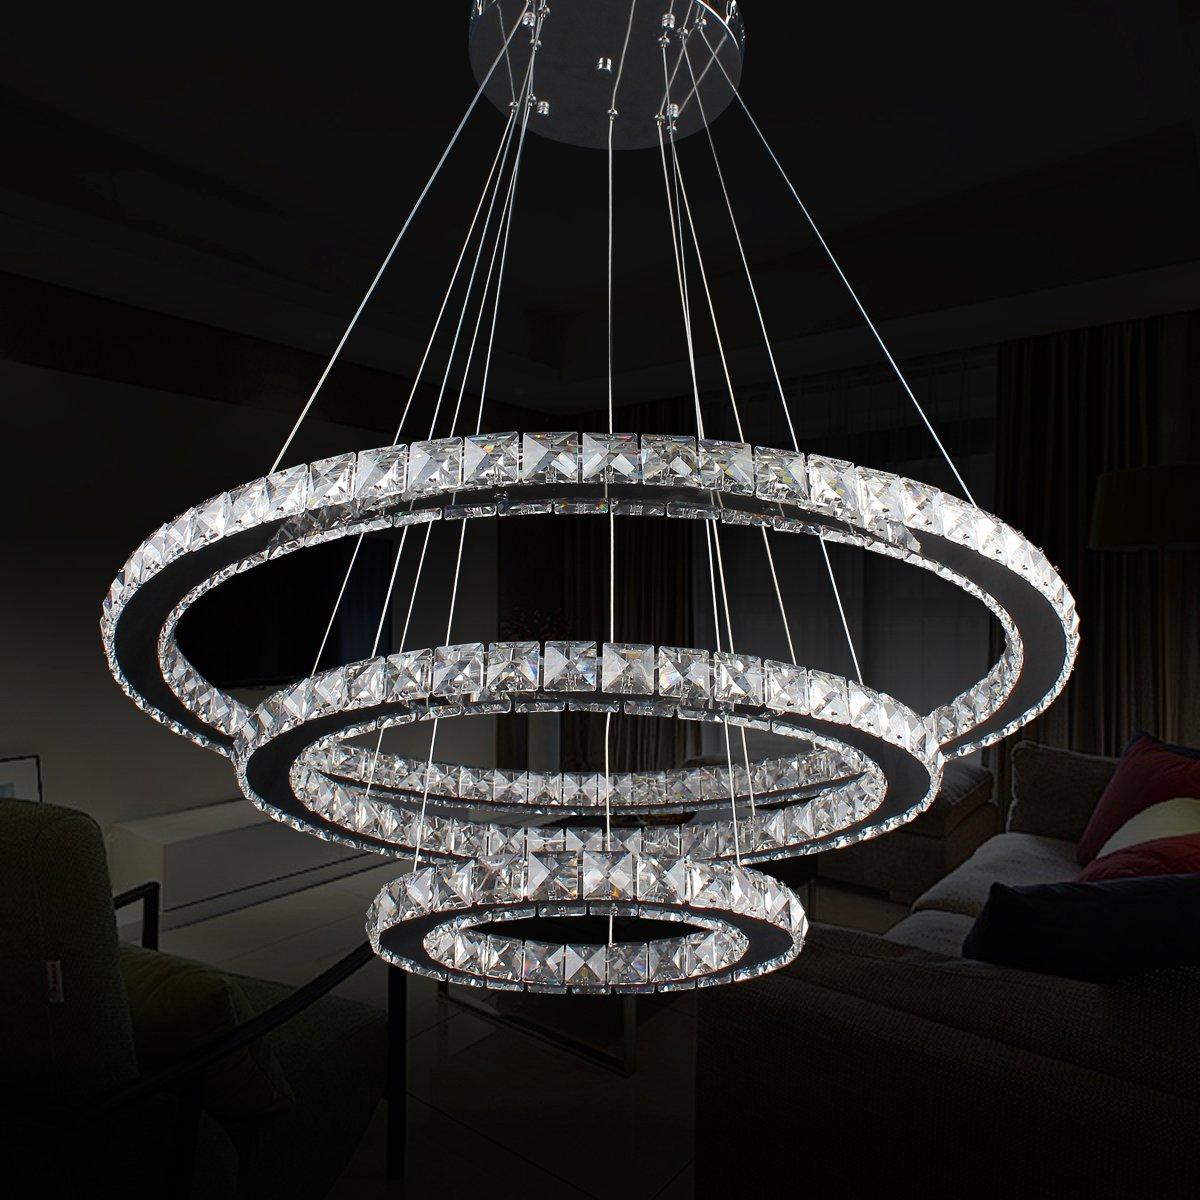 Led 3 Ring Chandelier: Mumeng LED Pendant Lamp Ceiling Lighting 3 Rings Dimmable